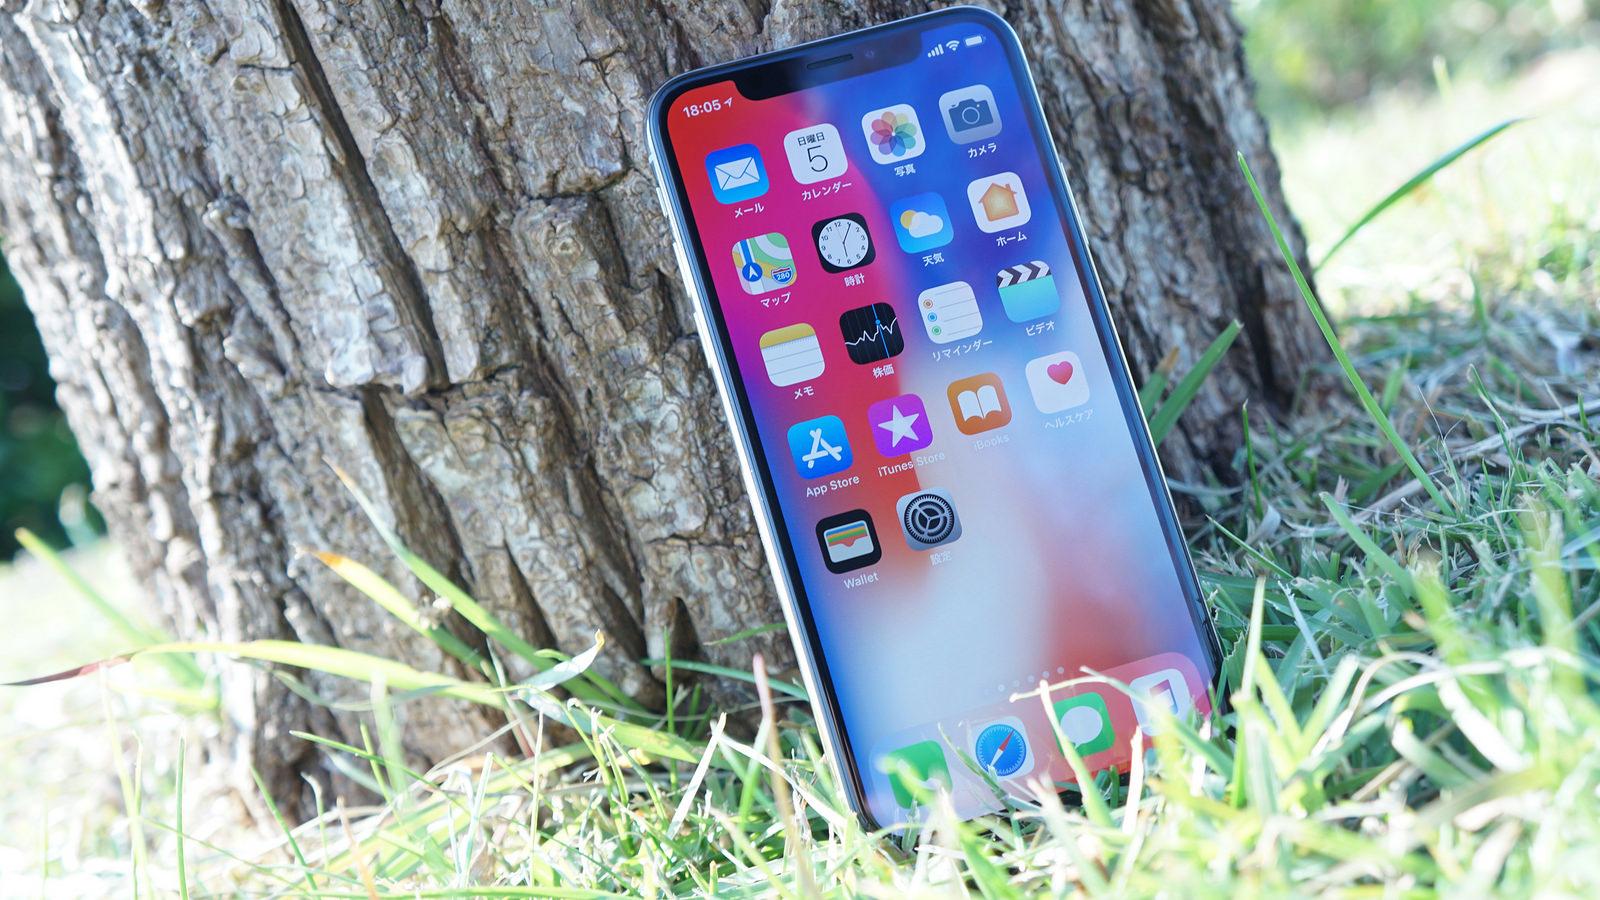 ドコモ、「iPhone X」を1万円値下げ。月々サポート増額で